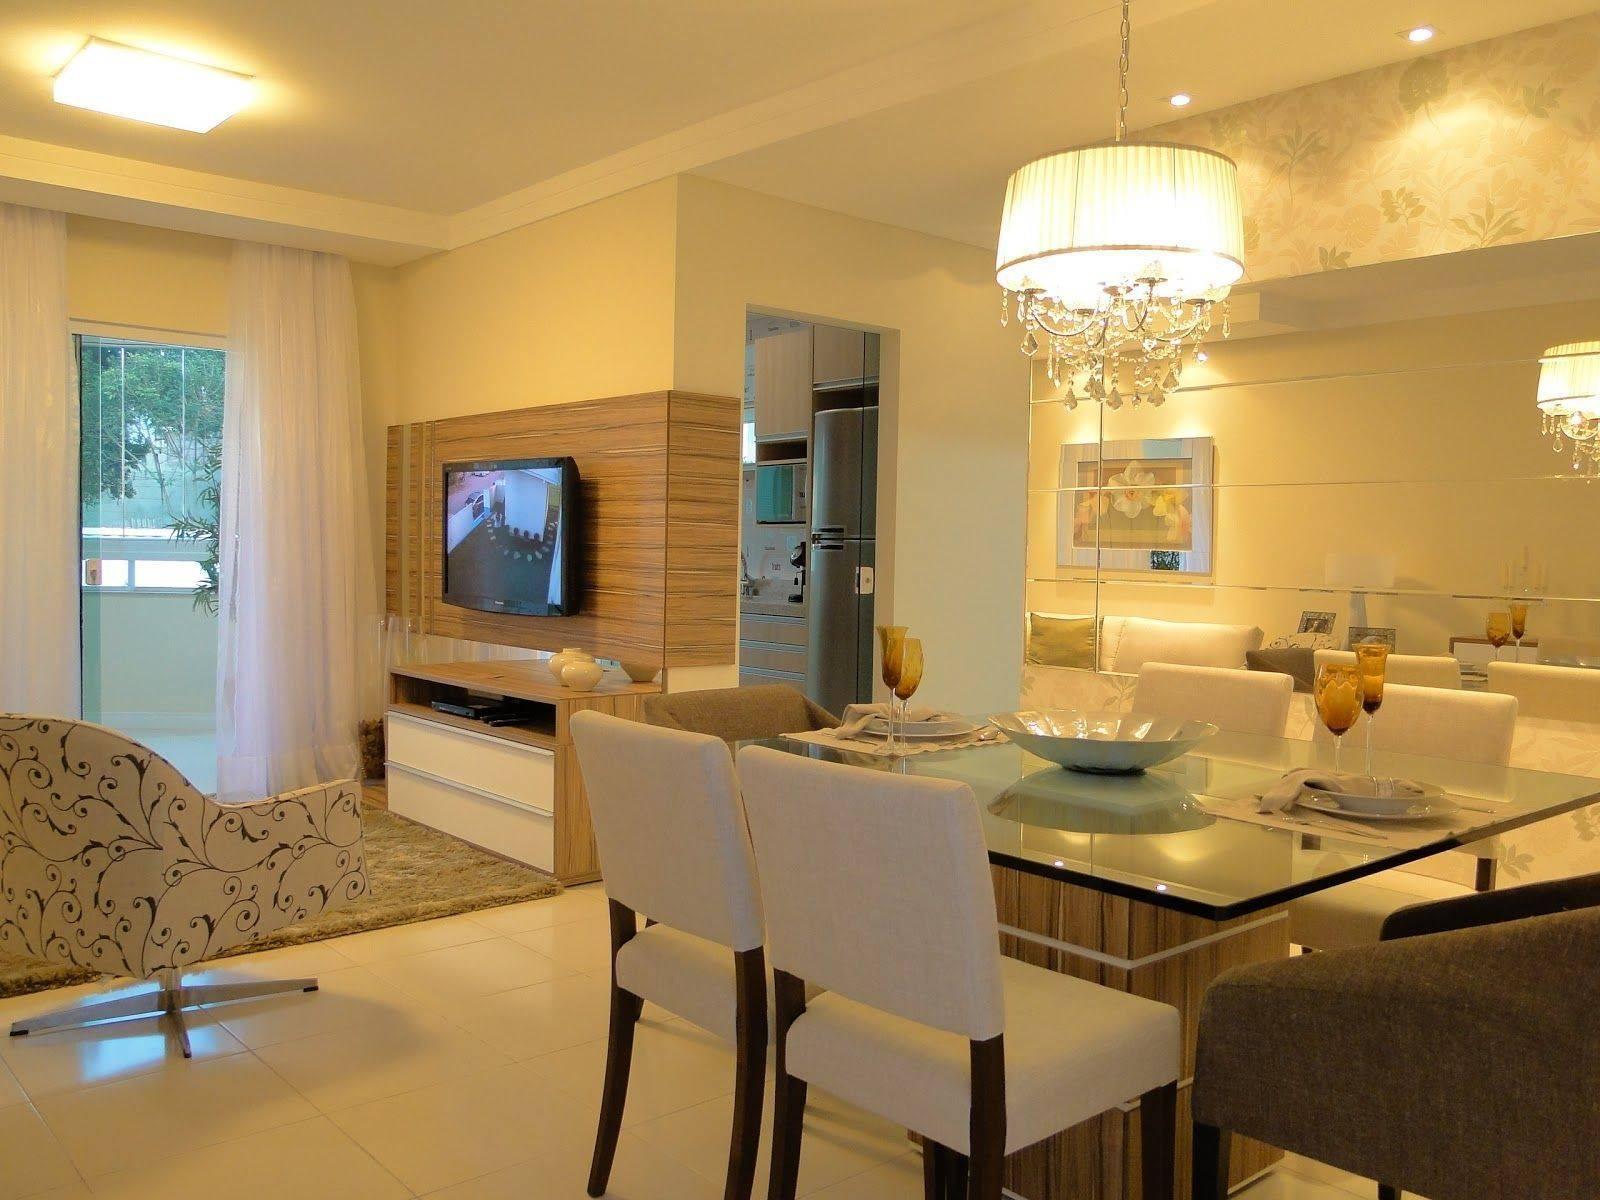 #AA7C21 Salas com gesso – Decoração de Casa 1600x1200 píxeis em Decoração De Sala De Estar Com Gesso